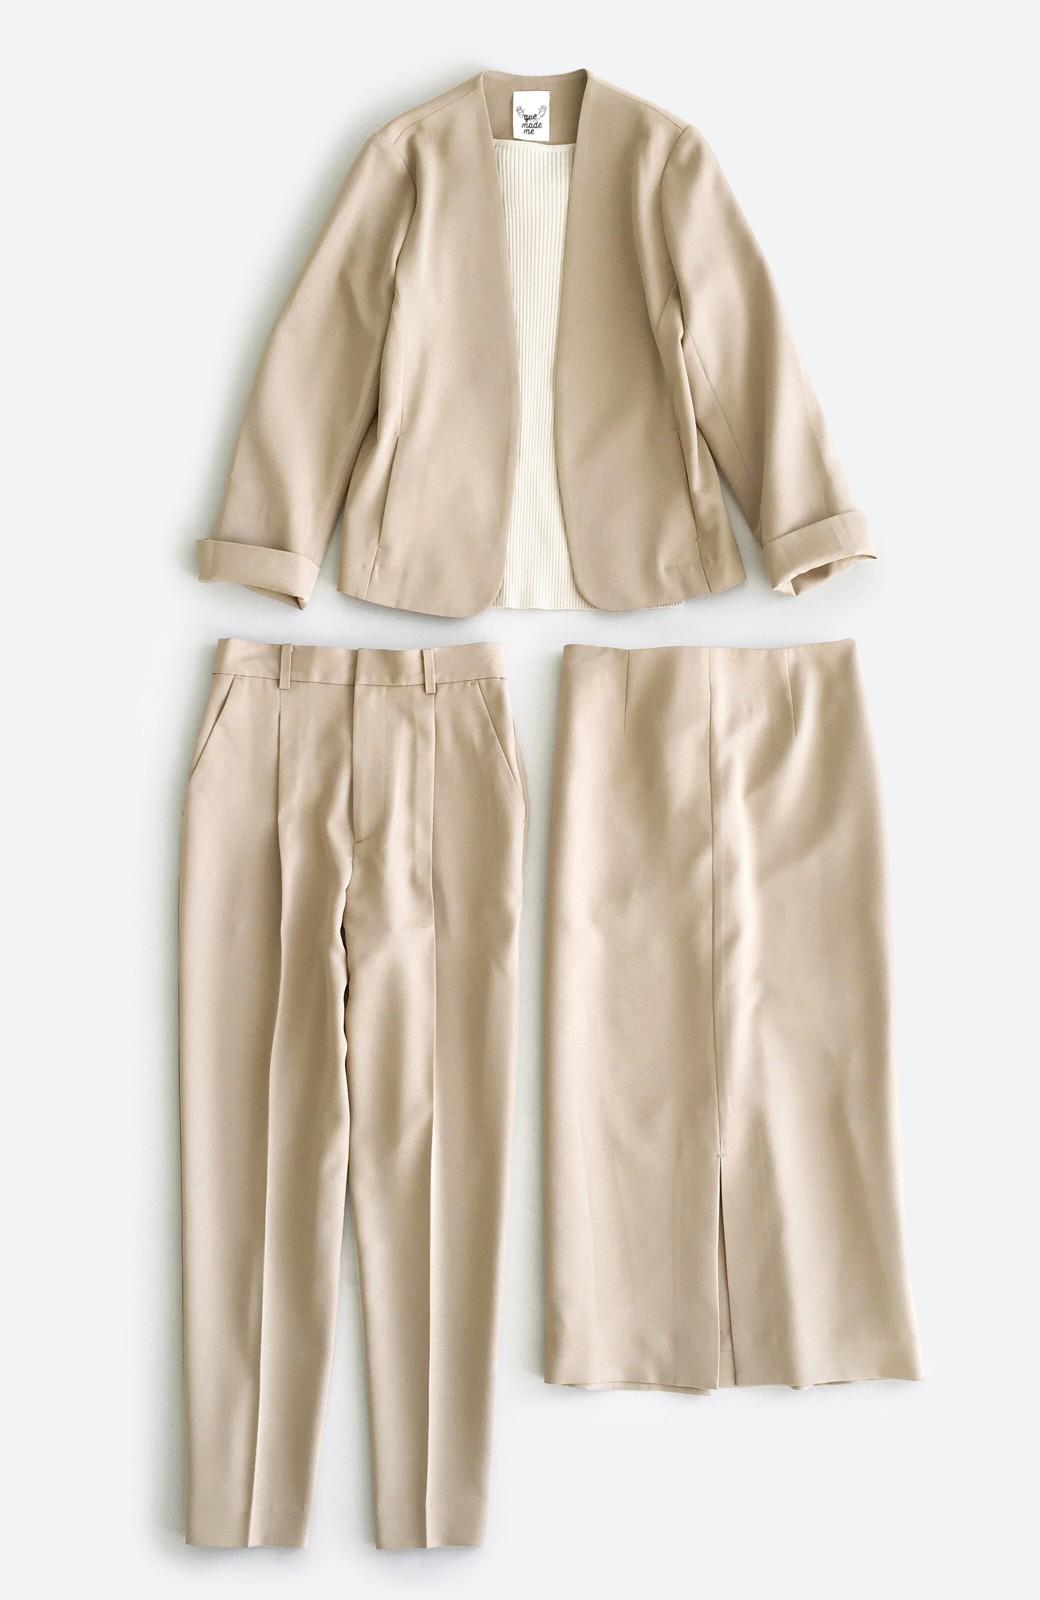 haco! 【シンプル】これさえあればきちんとシーンも怖くない!大人のシンプルジャケット・パンツ・スカート3点セット <ベージュ>の商品写真42